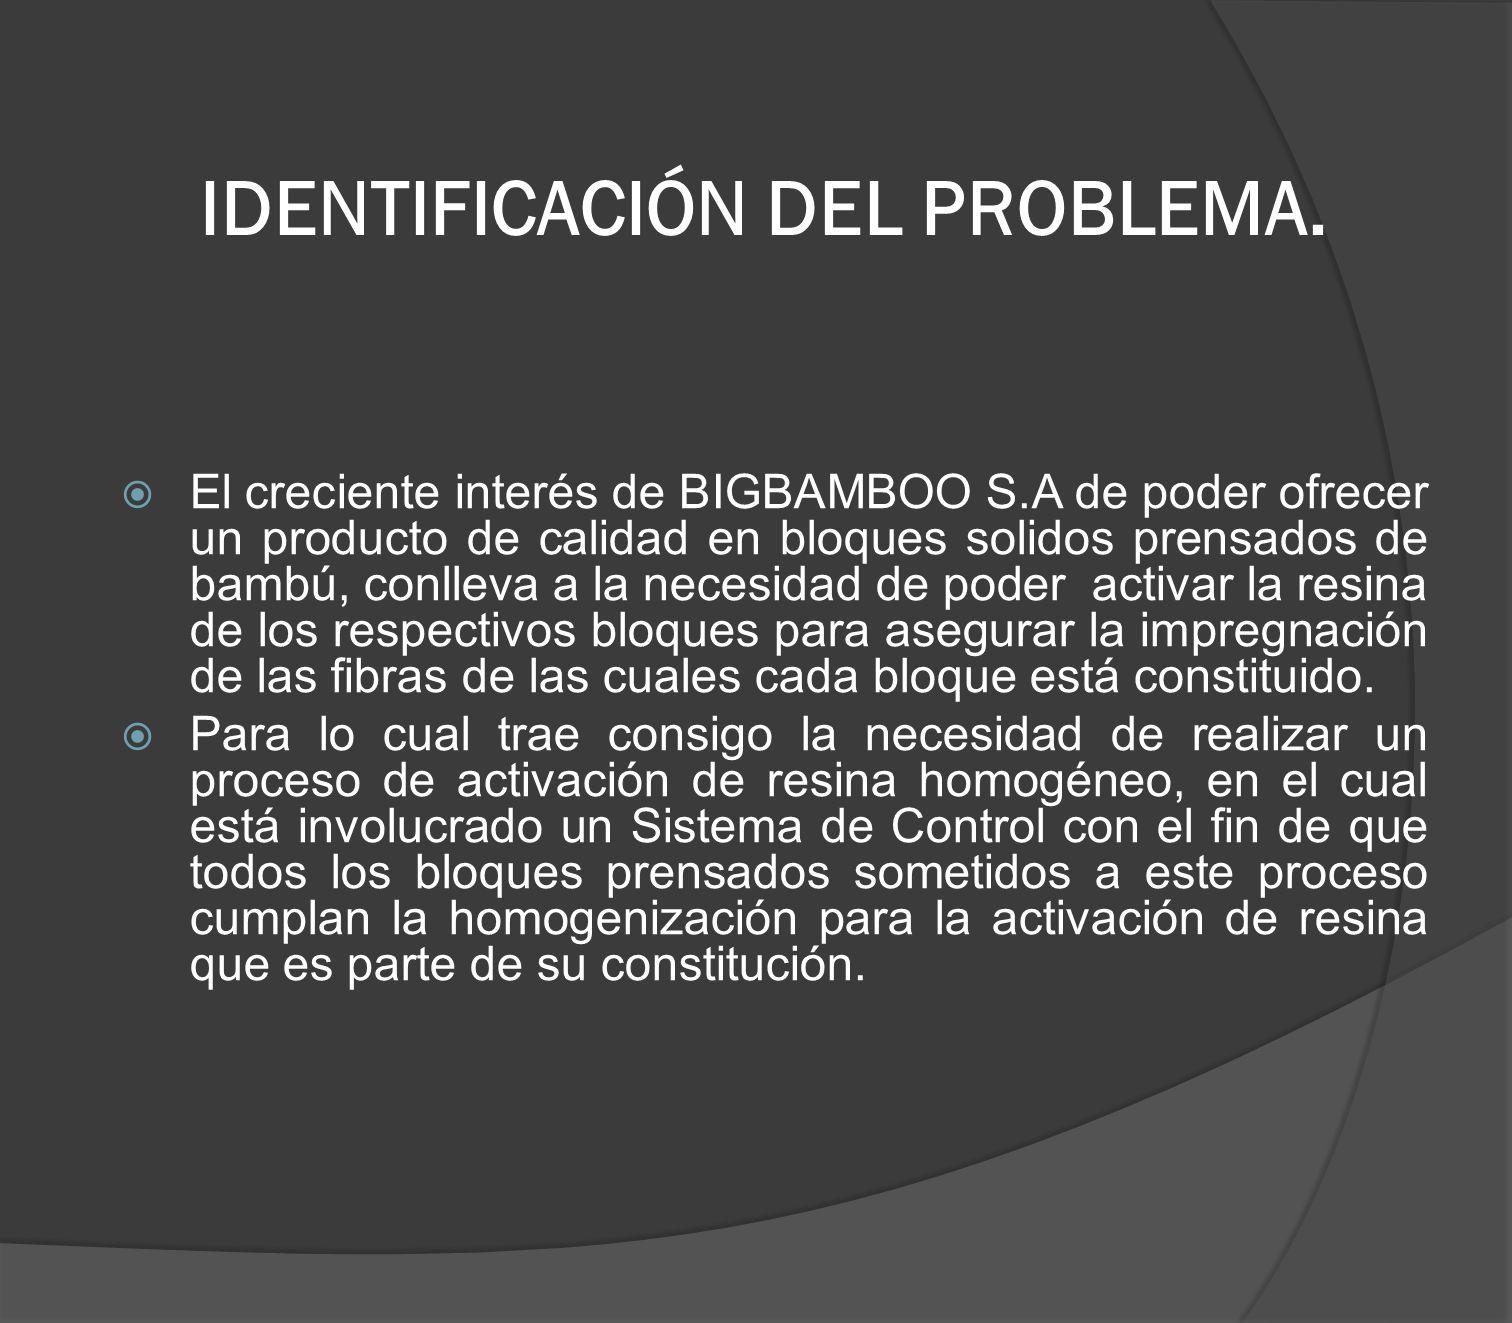 IDENTIFICACIÓN DEL PROBLEMA.